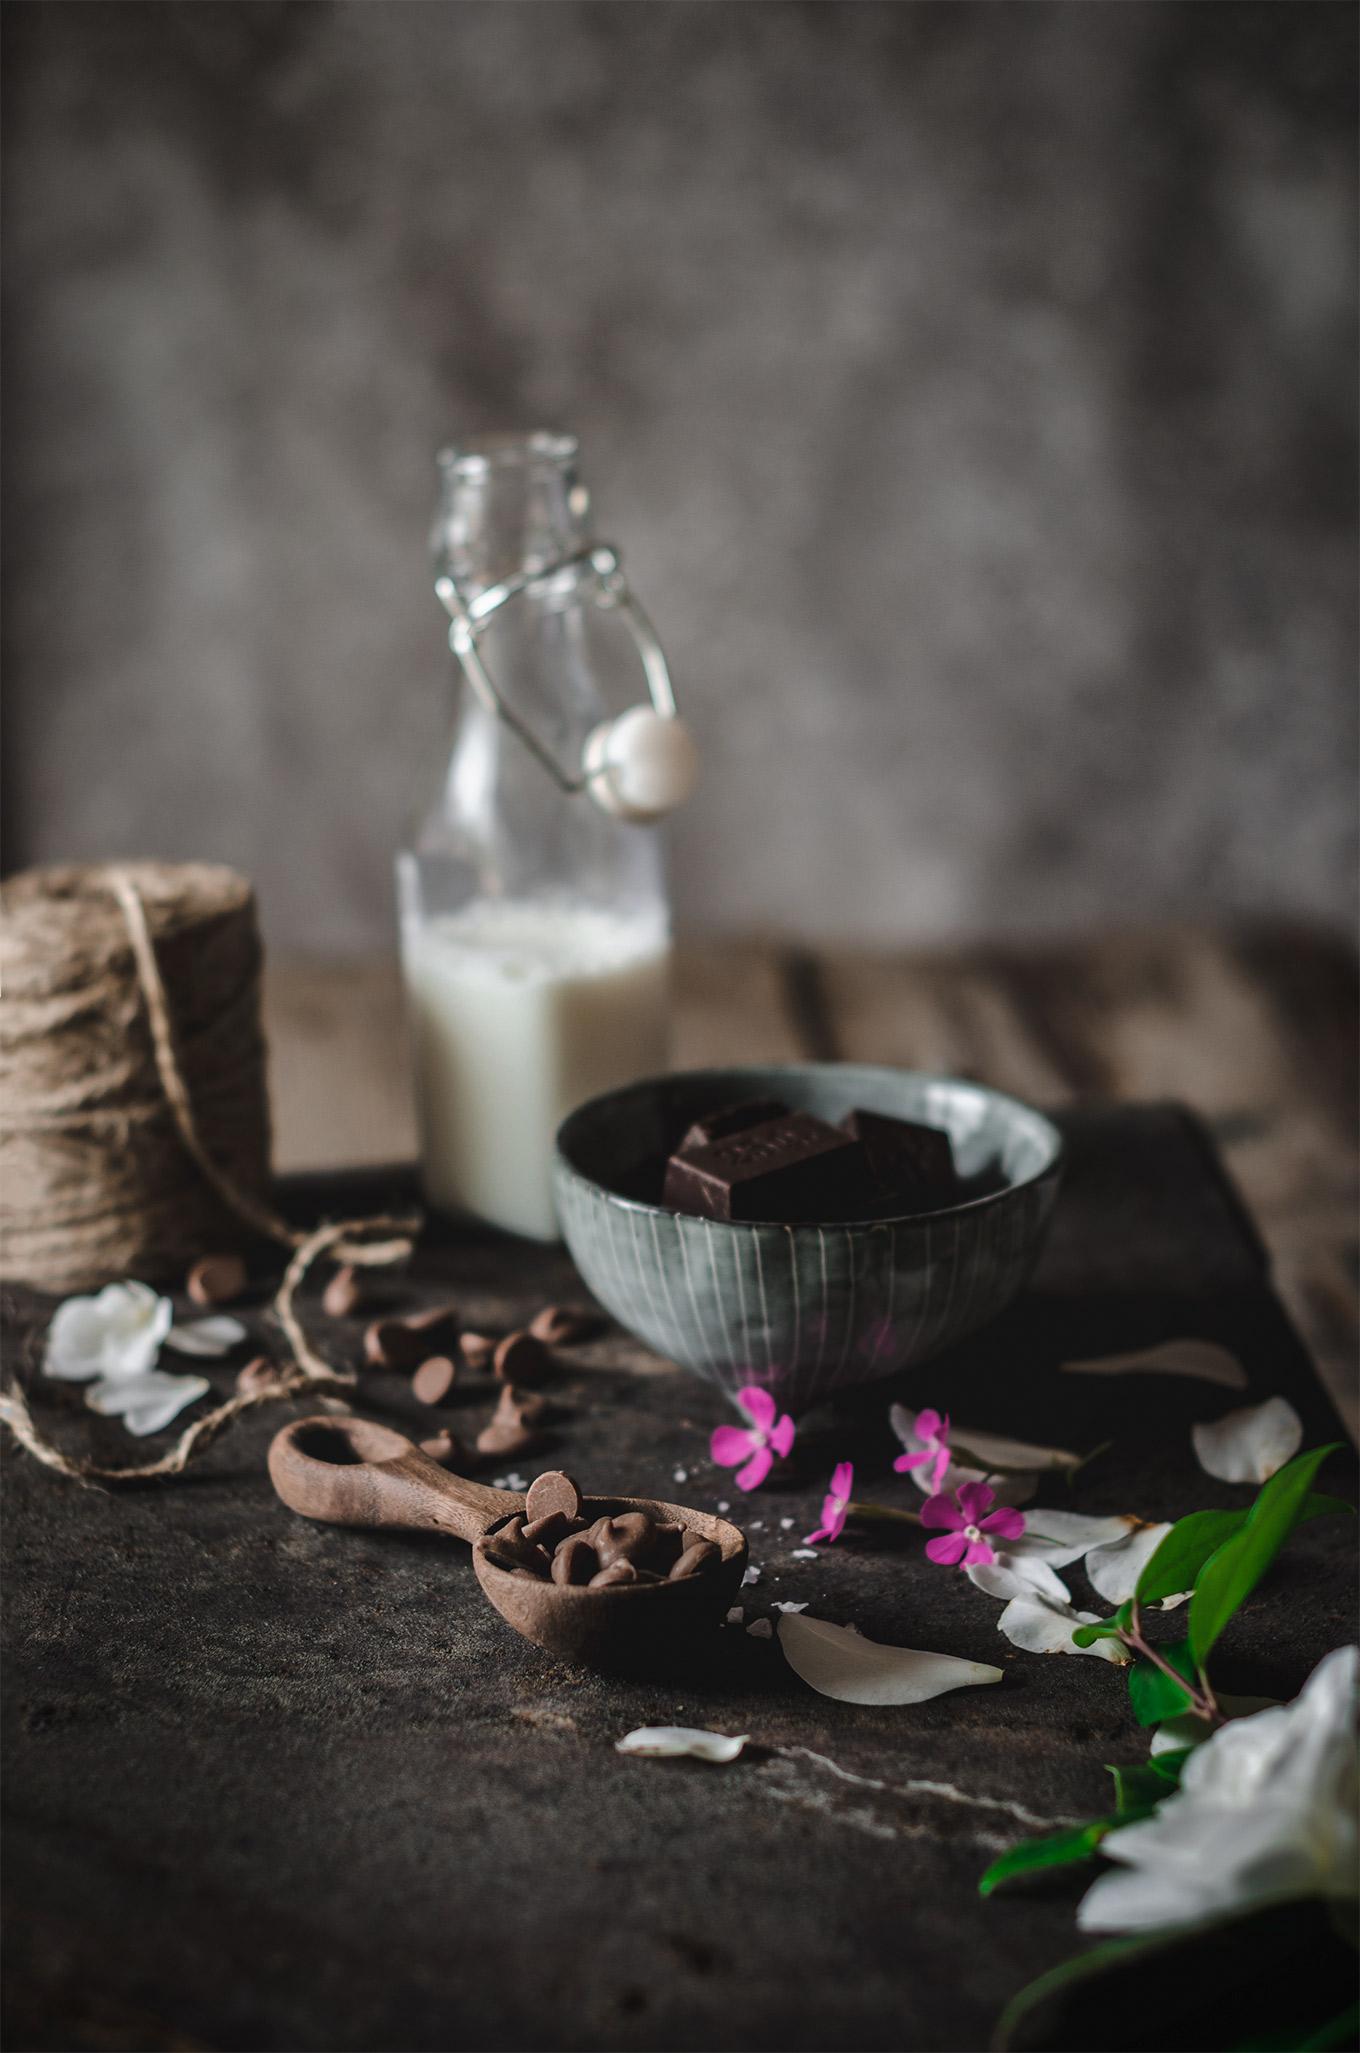 Chocolate para receta cookies